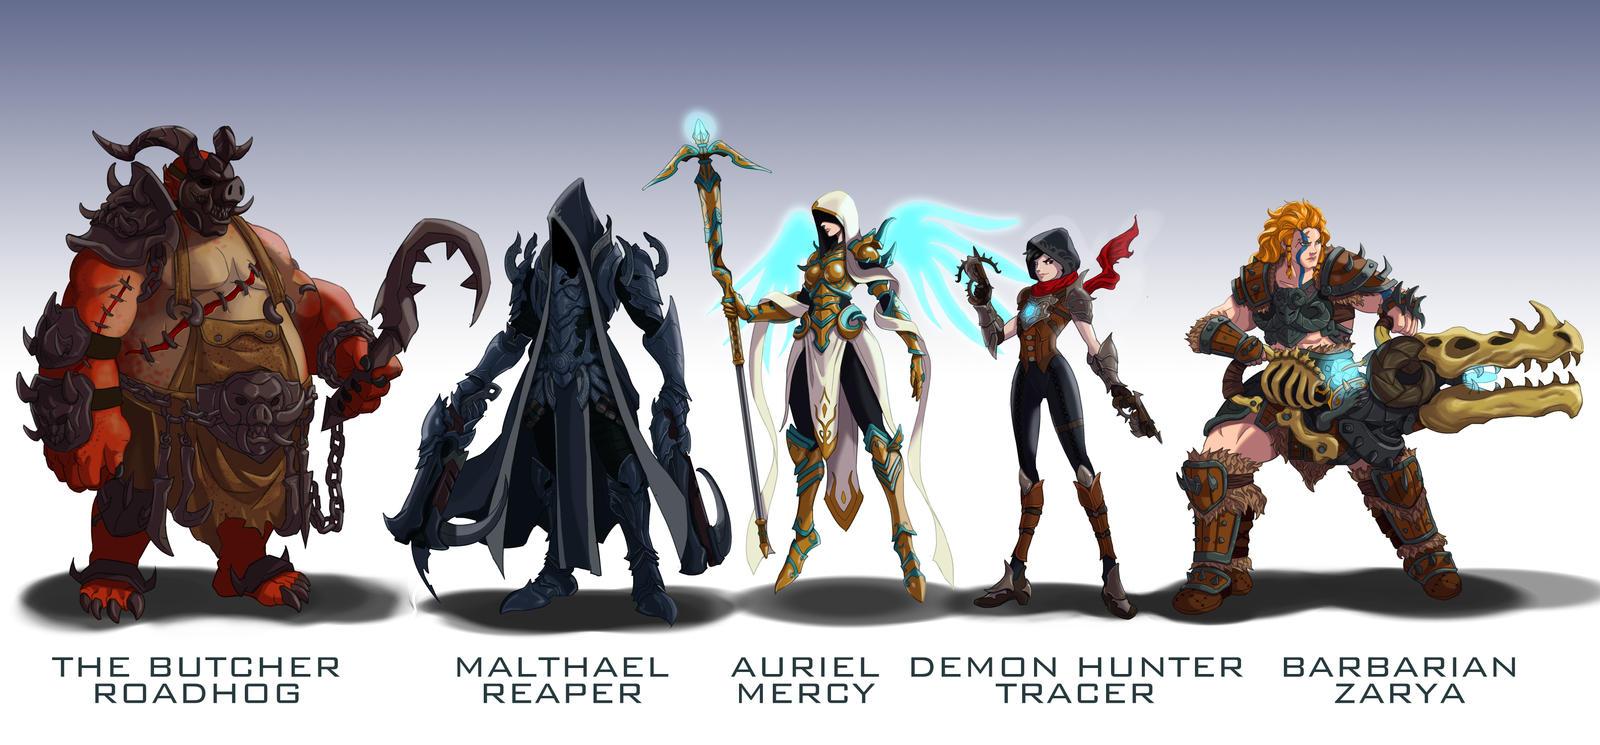 Overwatch Blizzard mashup skins 2 by wildcard24 on DeviantArt